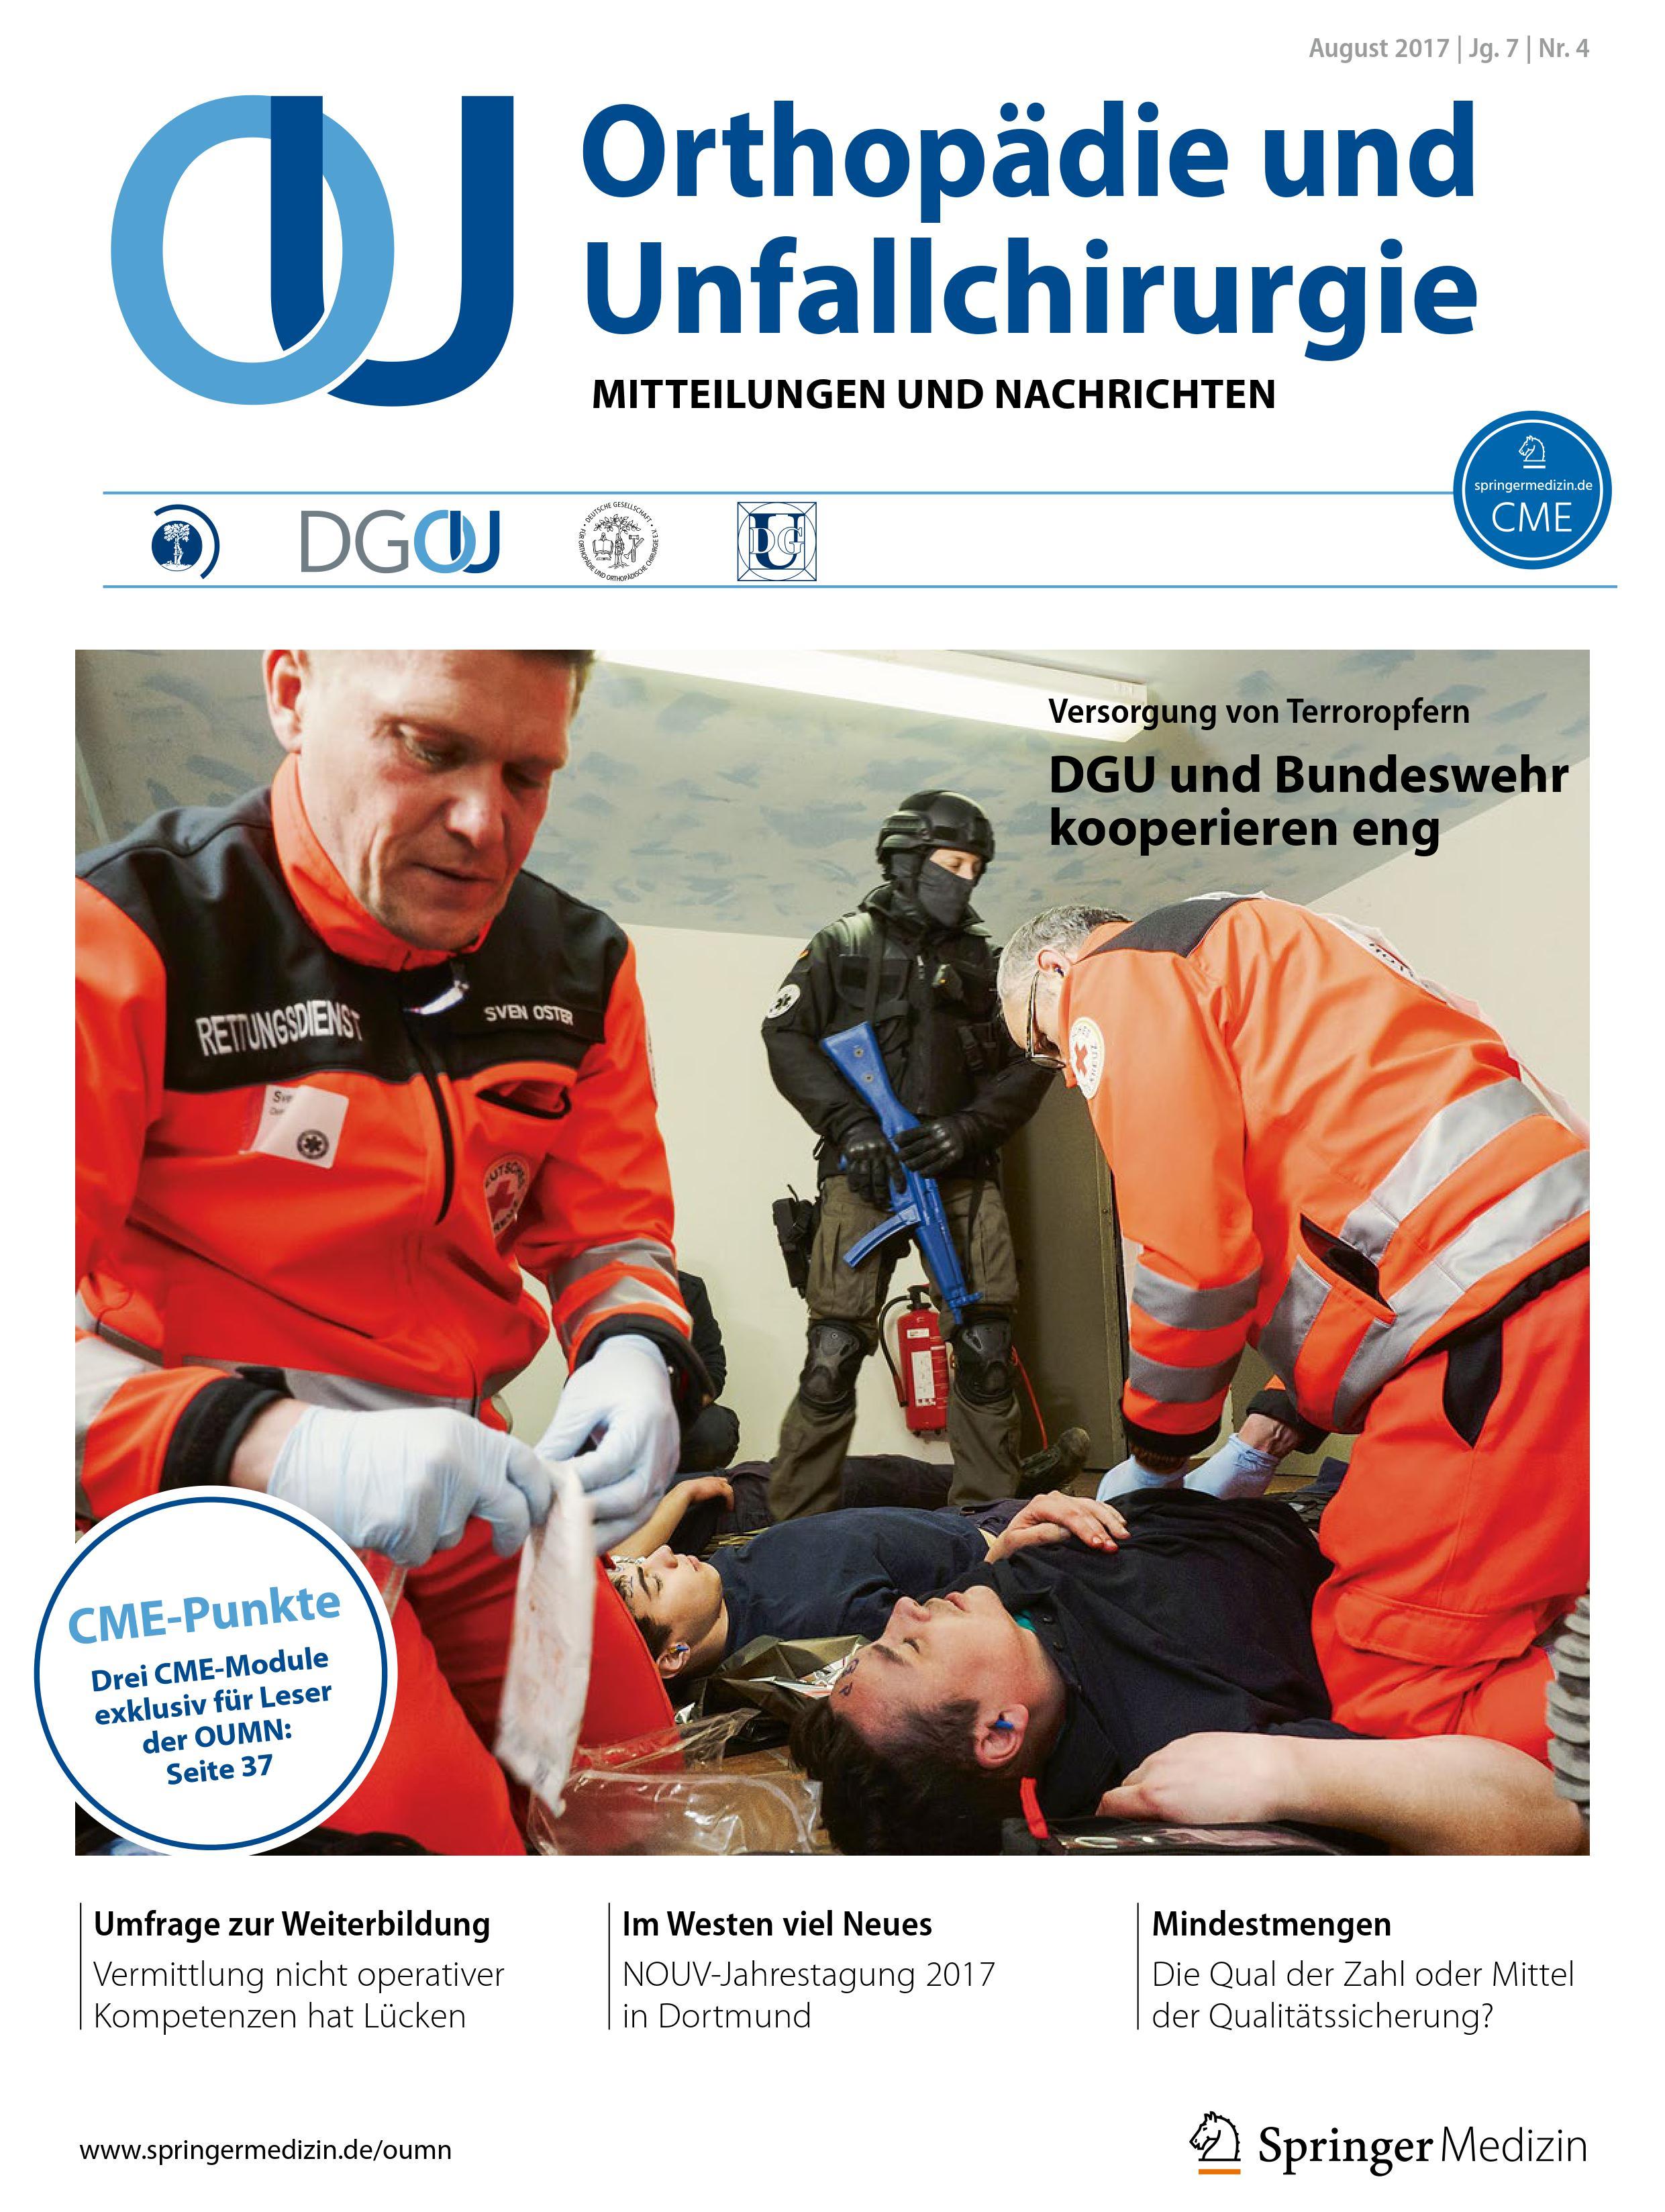 Orthopädie und Unfallchirurgie - Mitteilungen und Nachrichten (OUMN) 4/17